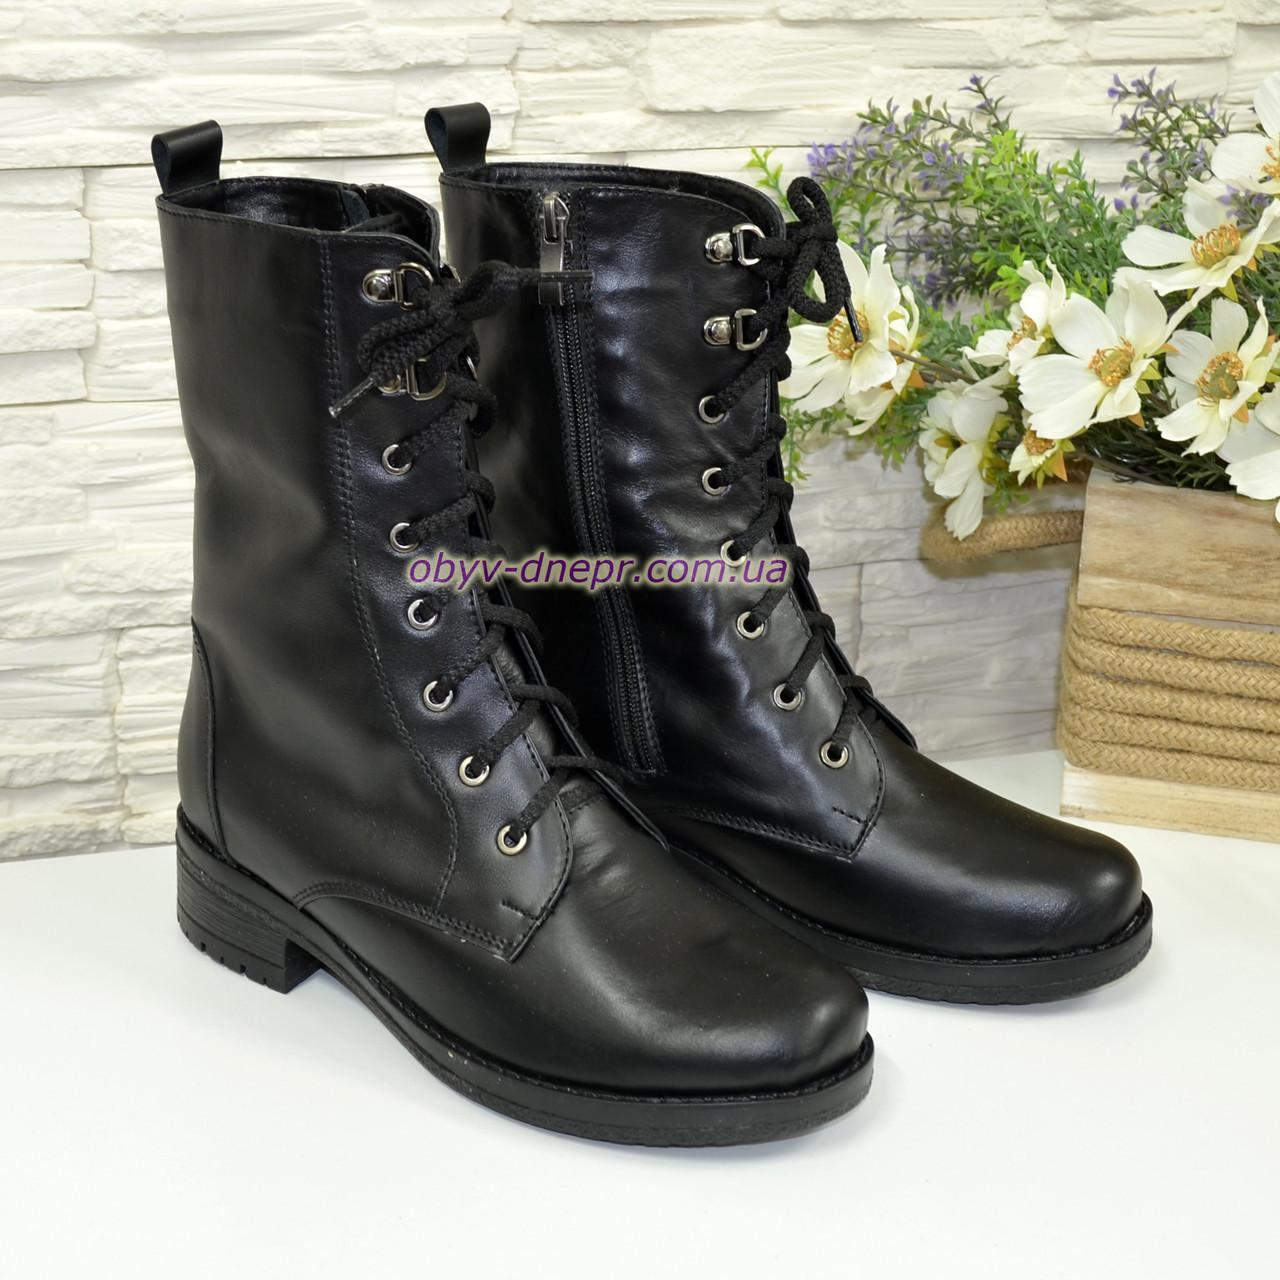 Стильные кожаные демисезонные ботинки на низком ходу, на шнурках